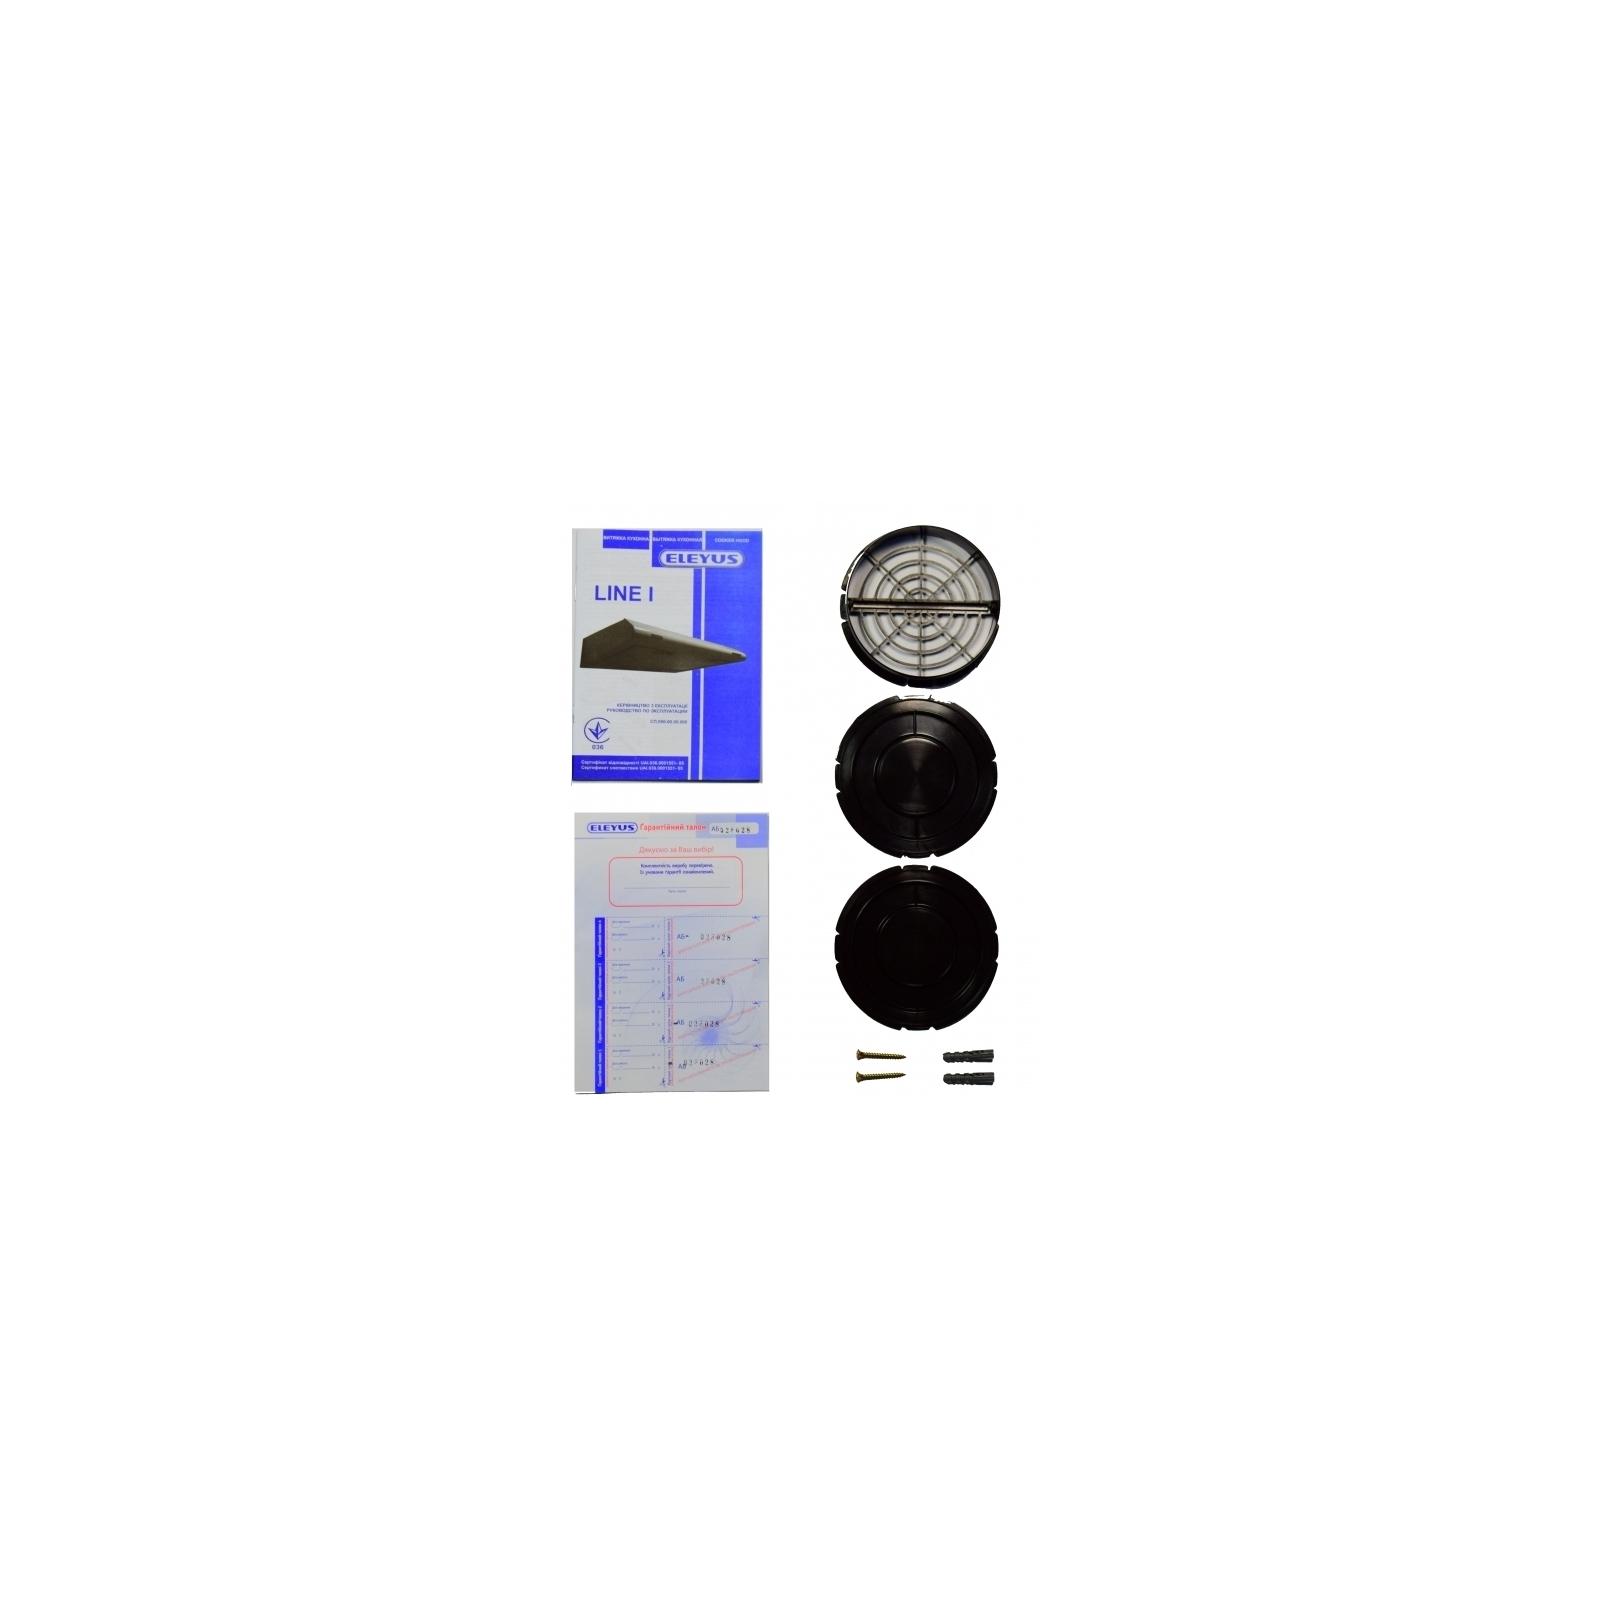 Вытяжка кухонная ELEYUS Line I 50 IS изображение 10